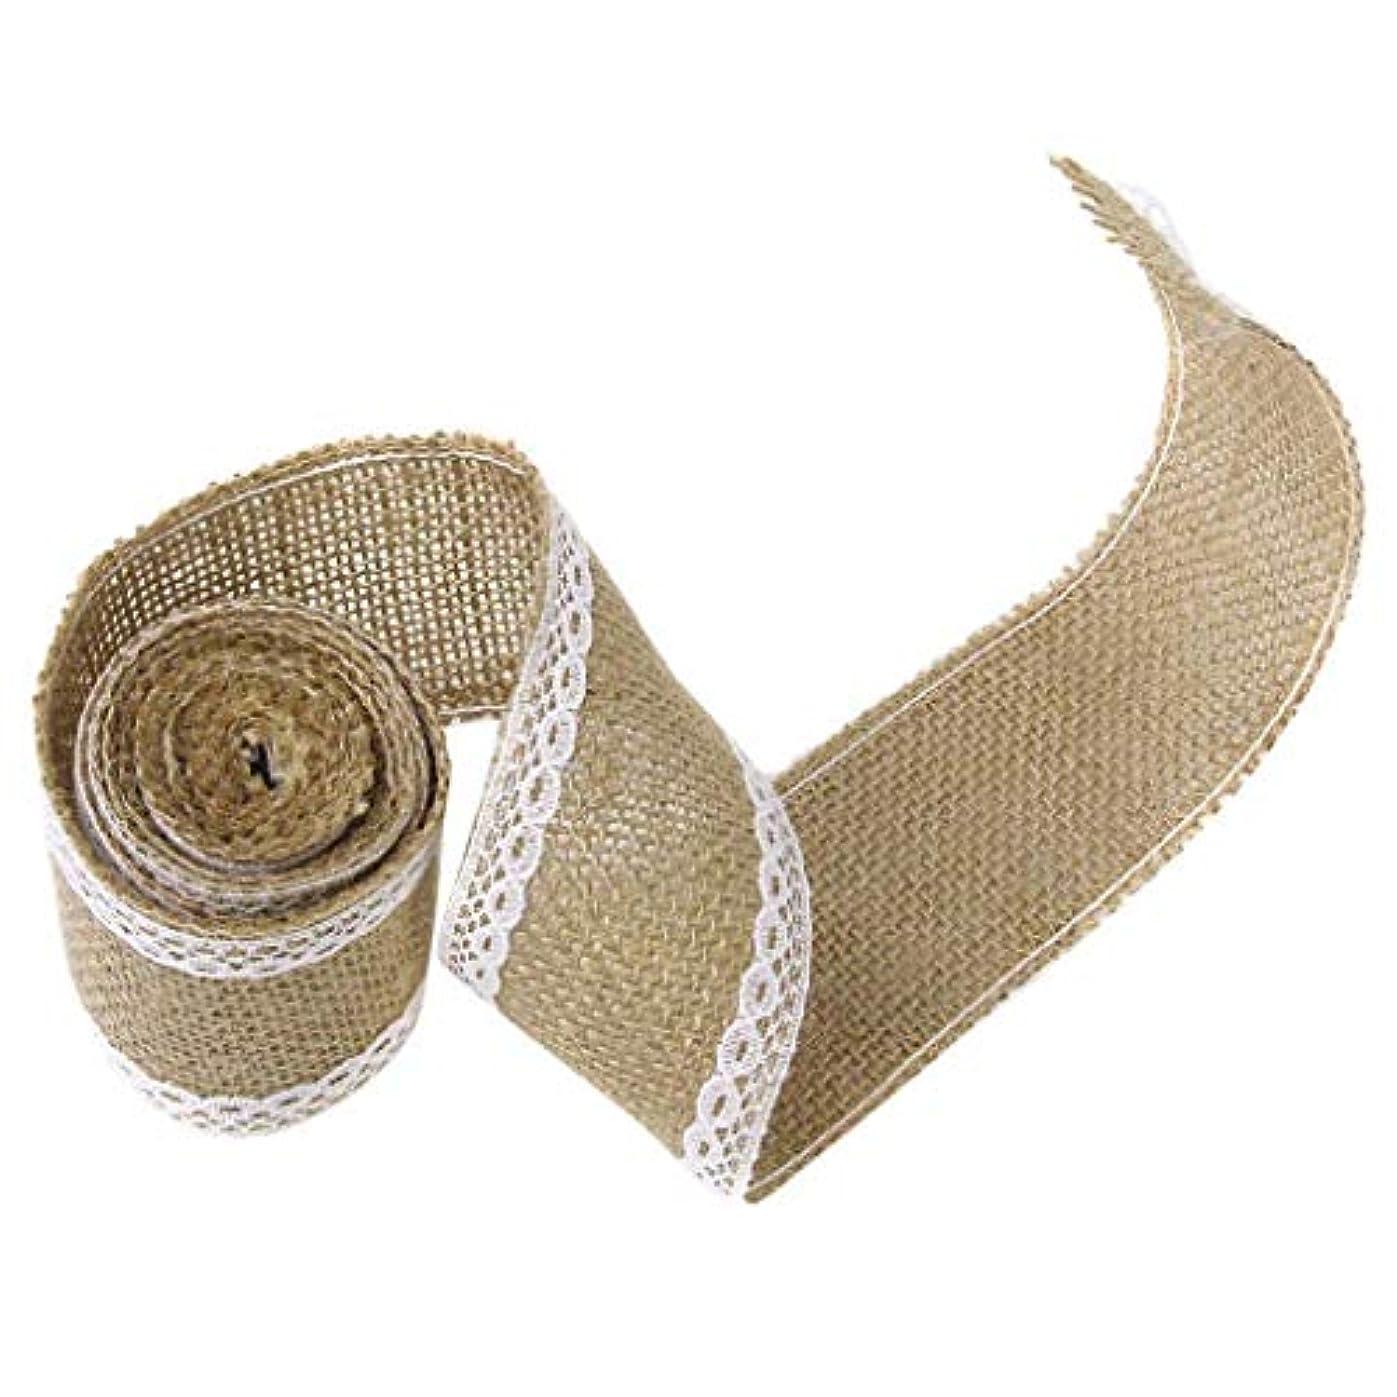 聖域不名誉候補者Onior リボンリネン麻布手芸ギフト装飾レースでは、錆びた工芸を作るスクラップブックは、弓と素朴な結婚式の装飾2を包む